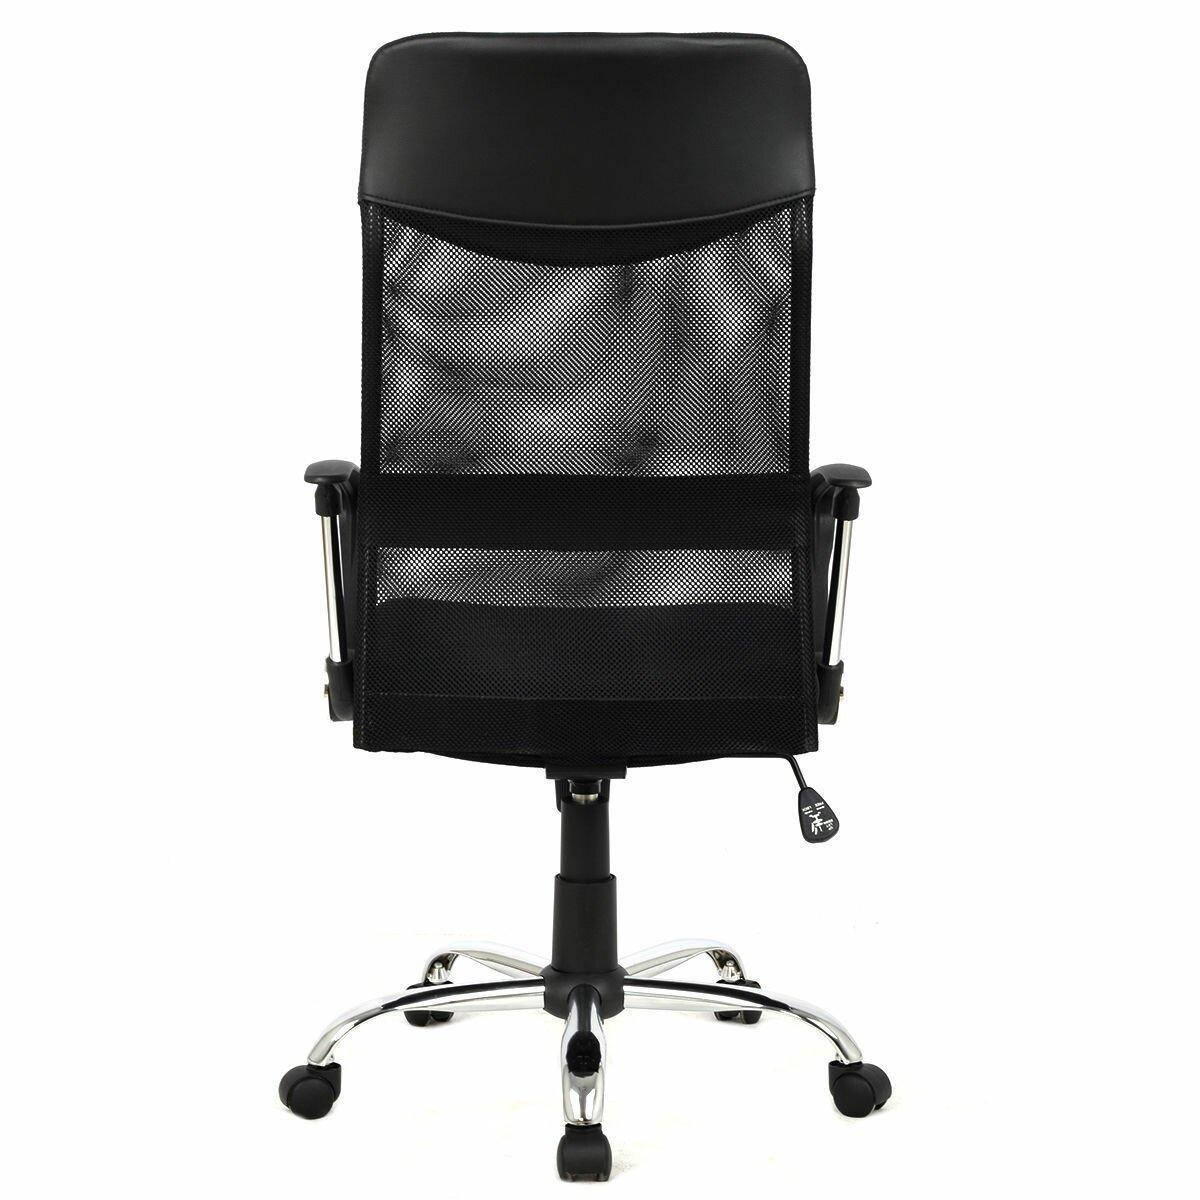 Thornton s fice Supplies High Back Mesh Desk Chair